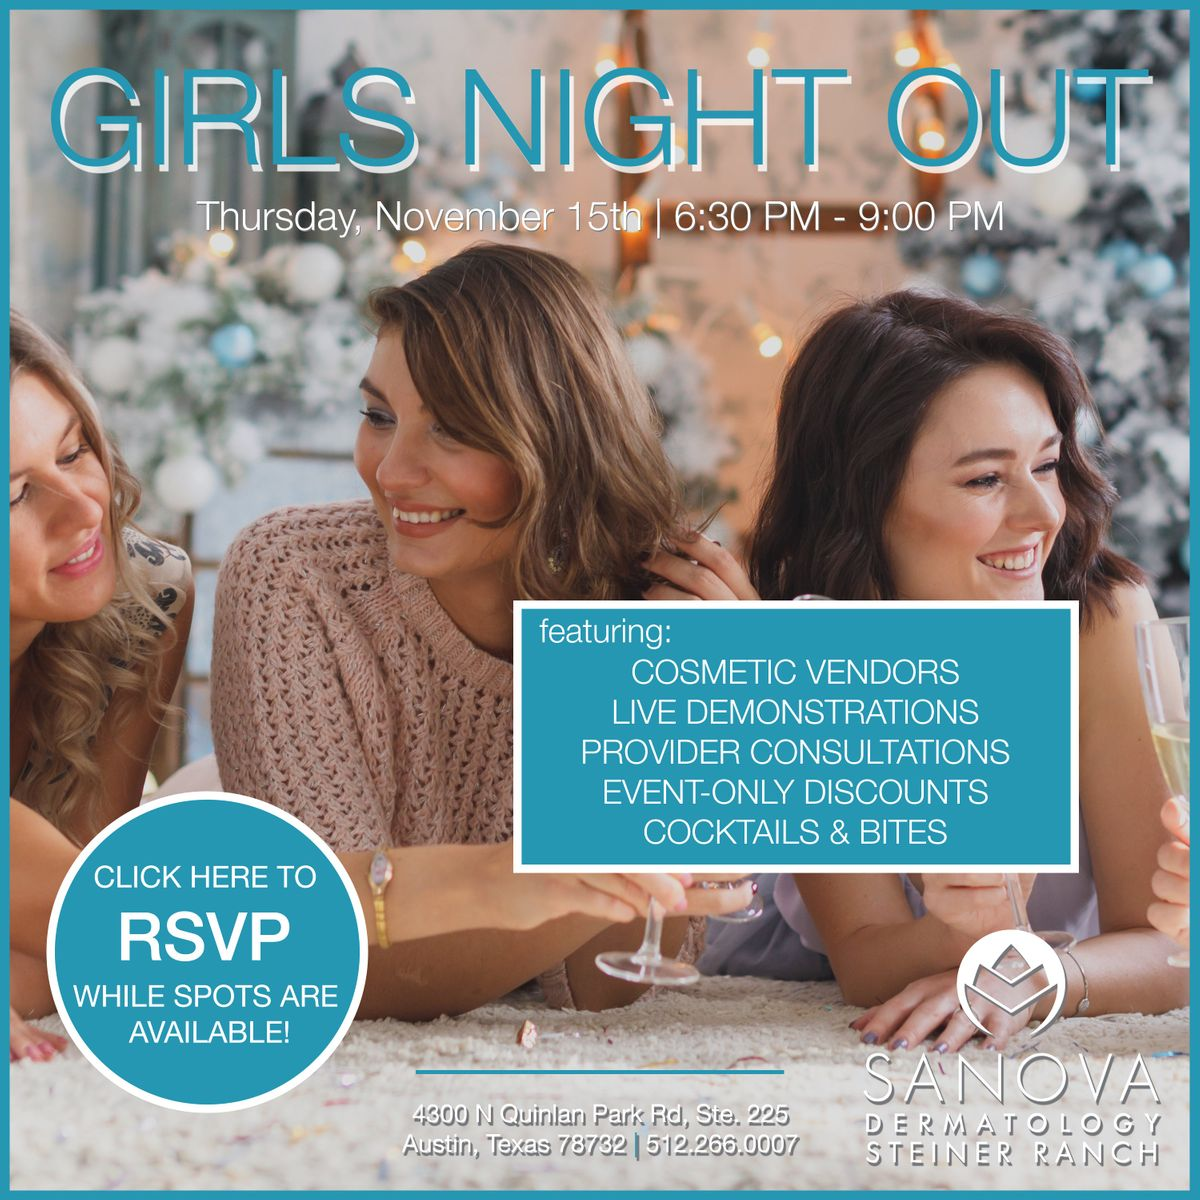 Sanova Dermatology - Steiner Ranch | Girls Night Out 2018